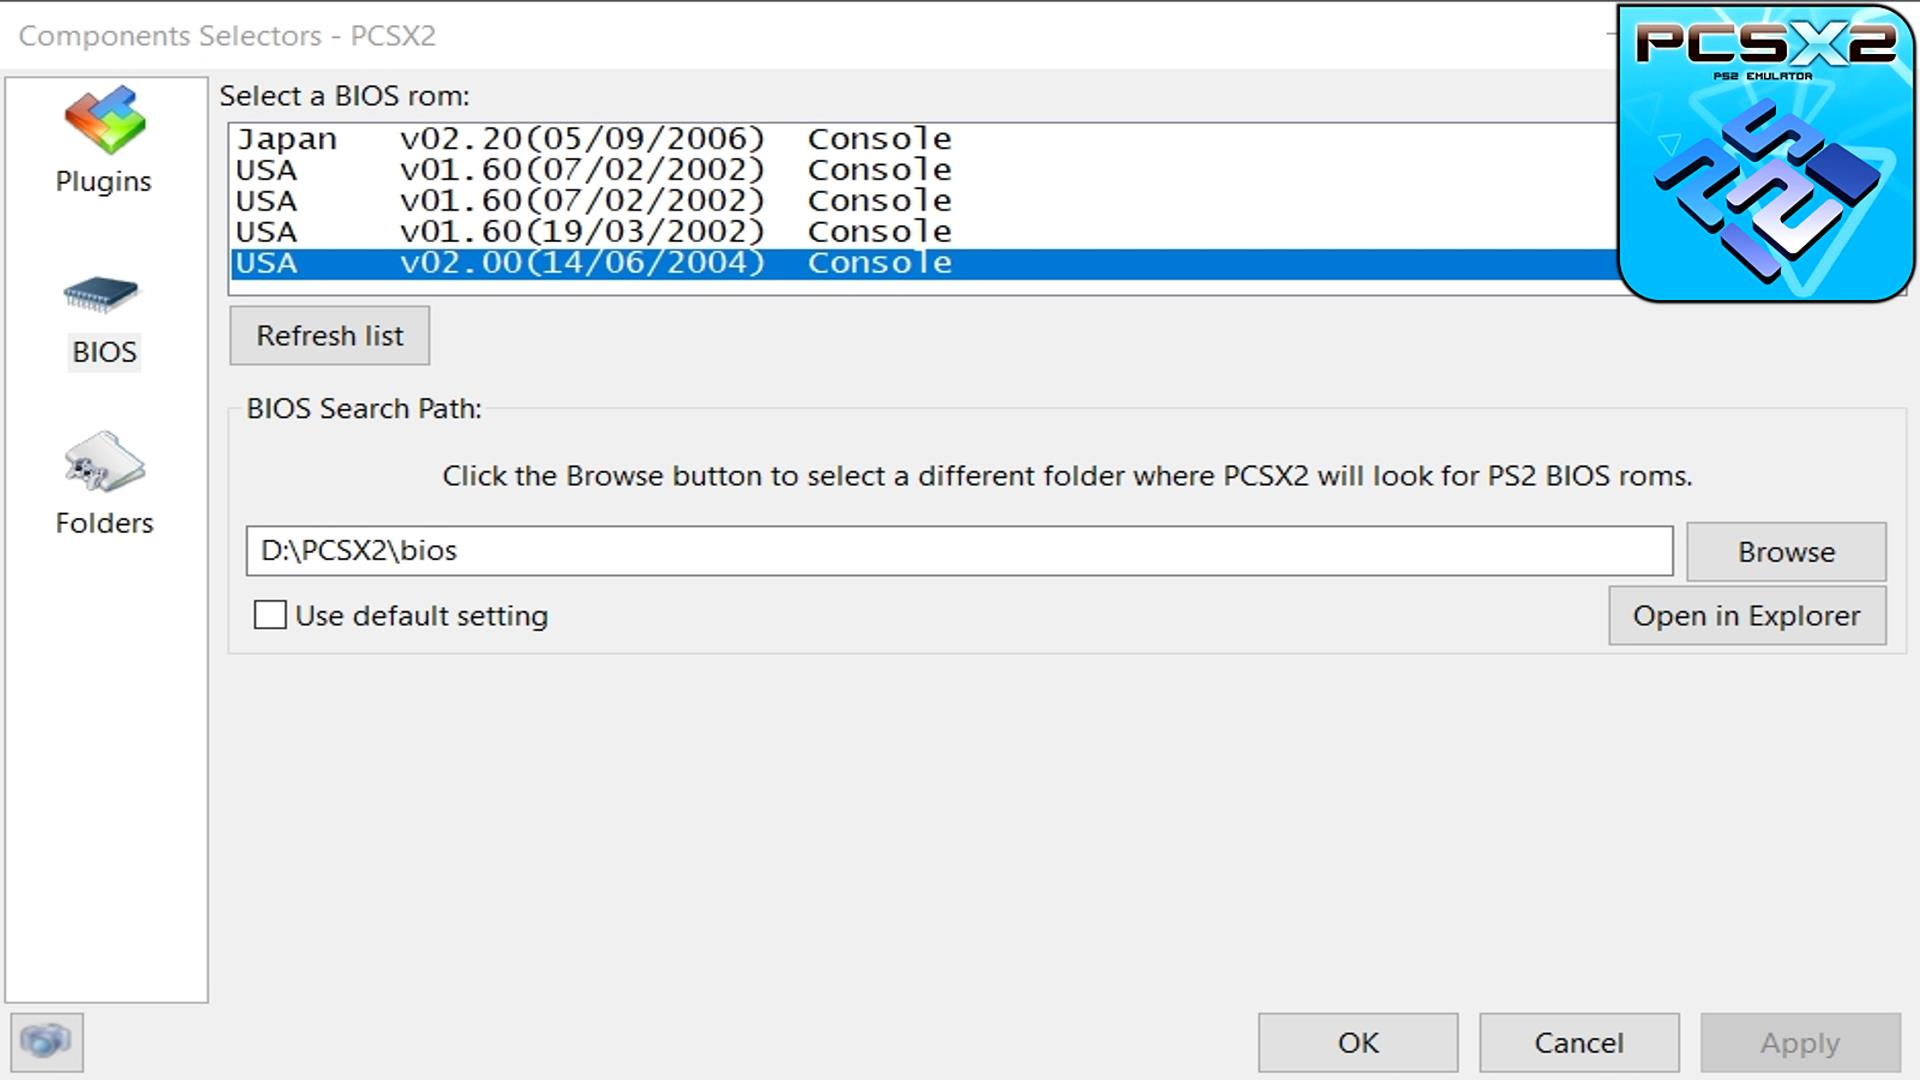 PCSX2 BIOS